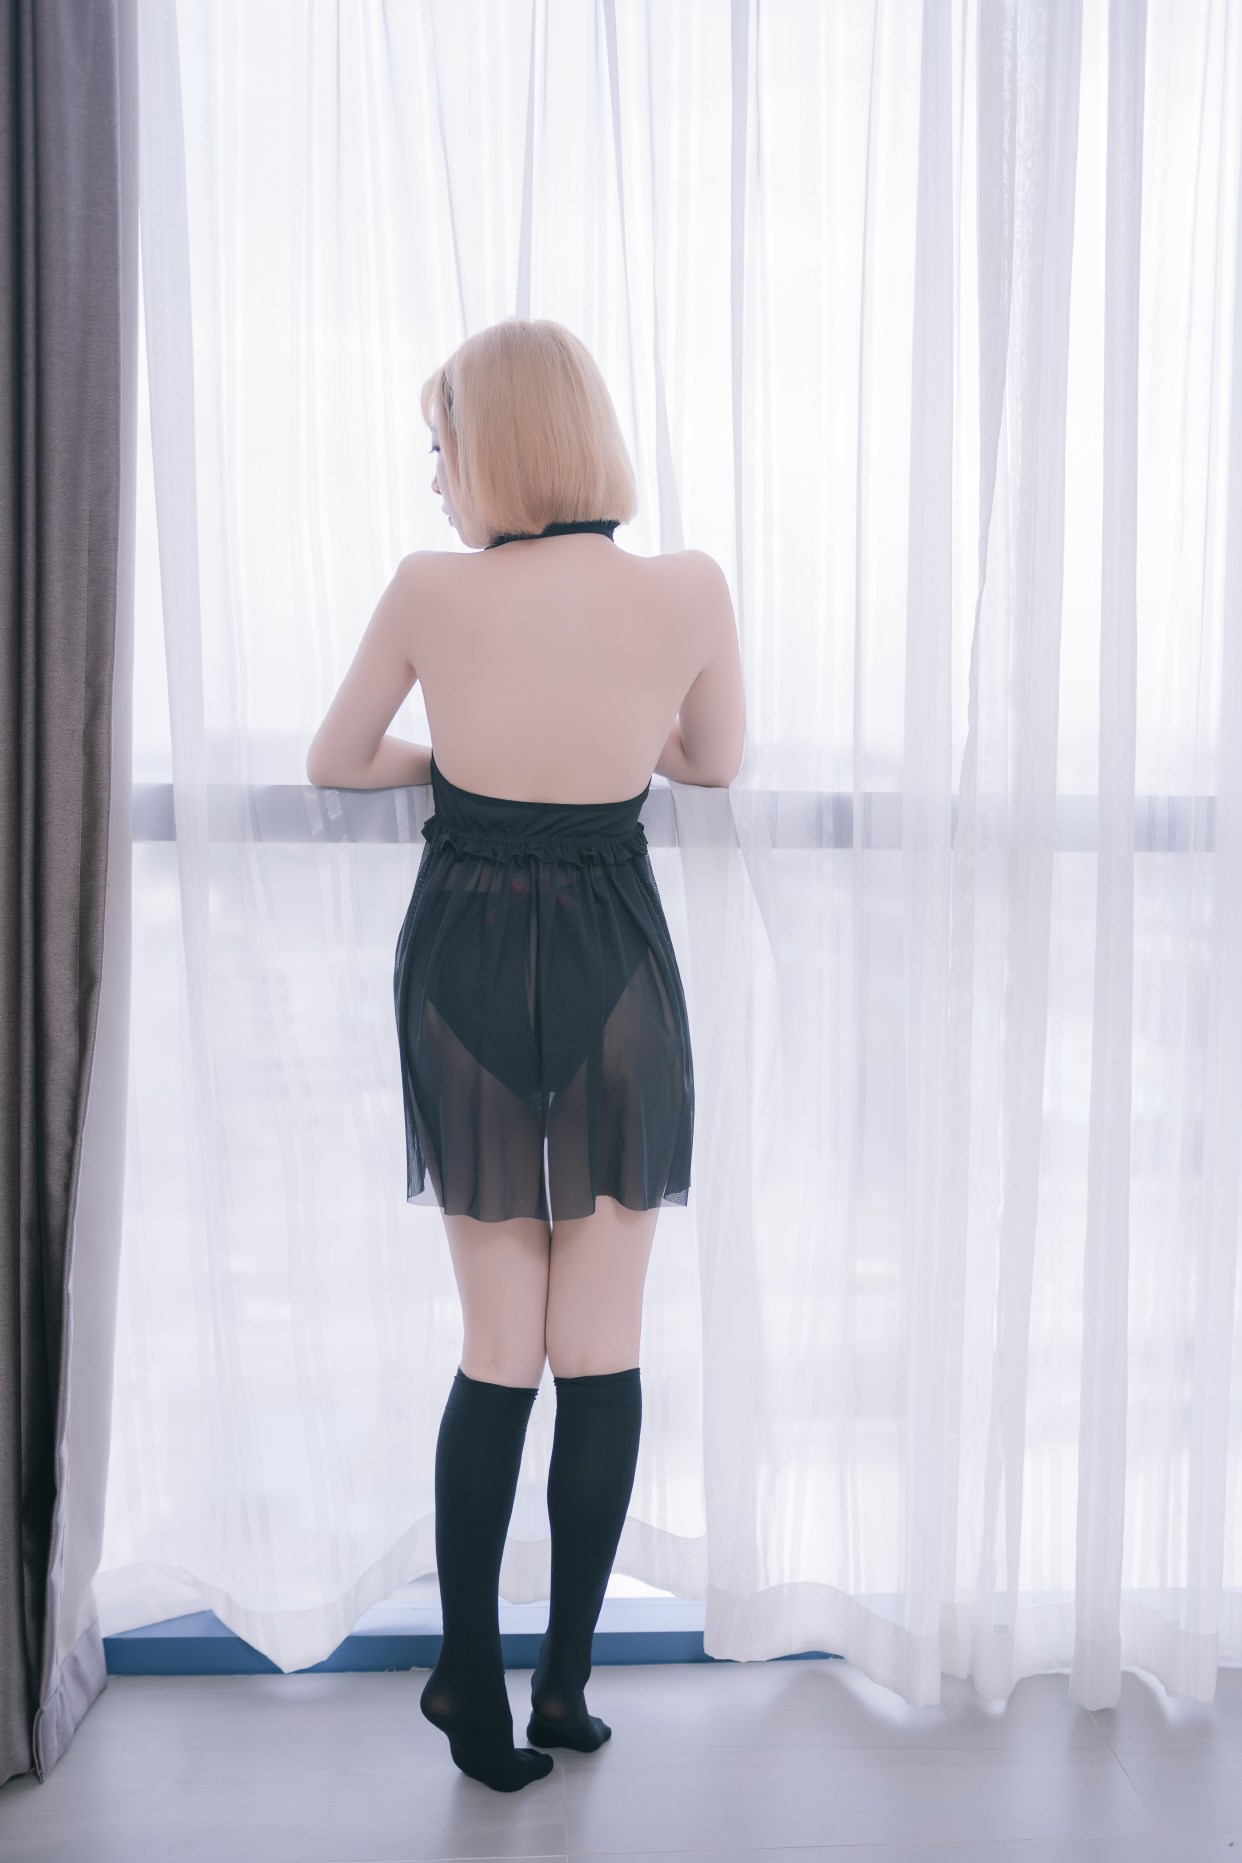 【兔玩映画】性感小睡衣 兔玩映画 第6张